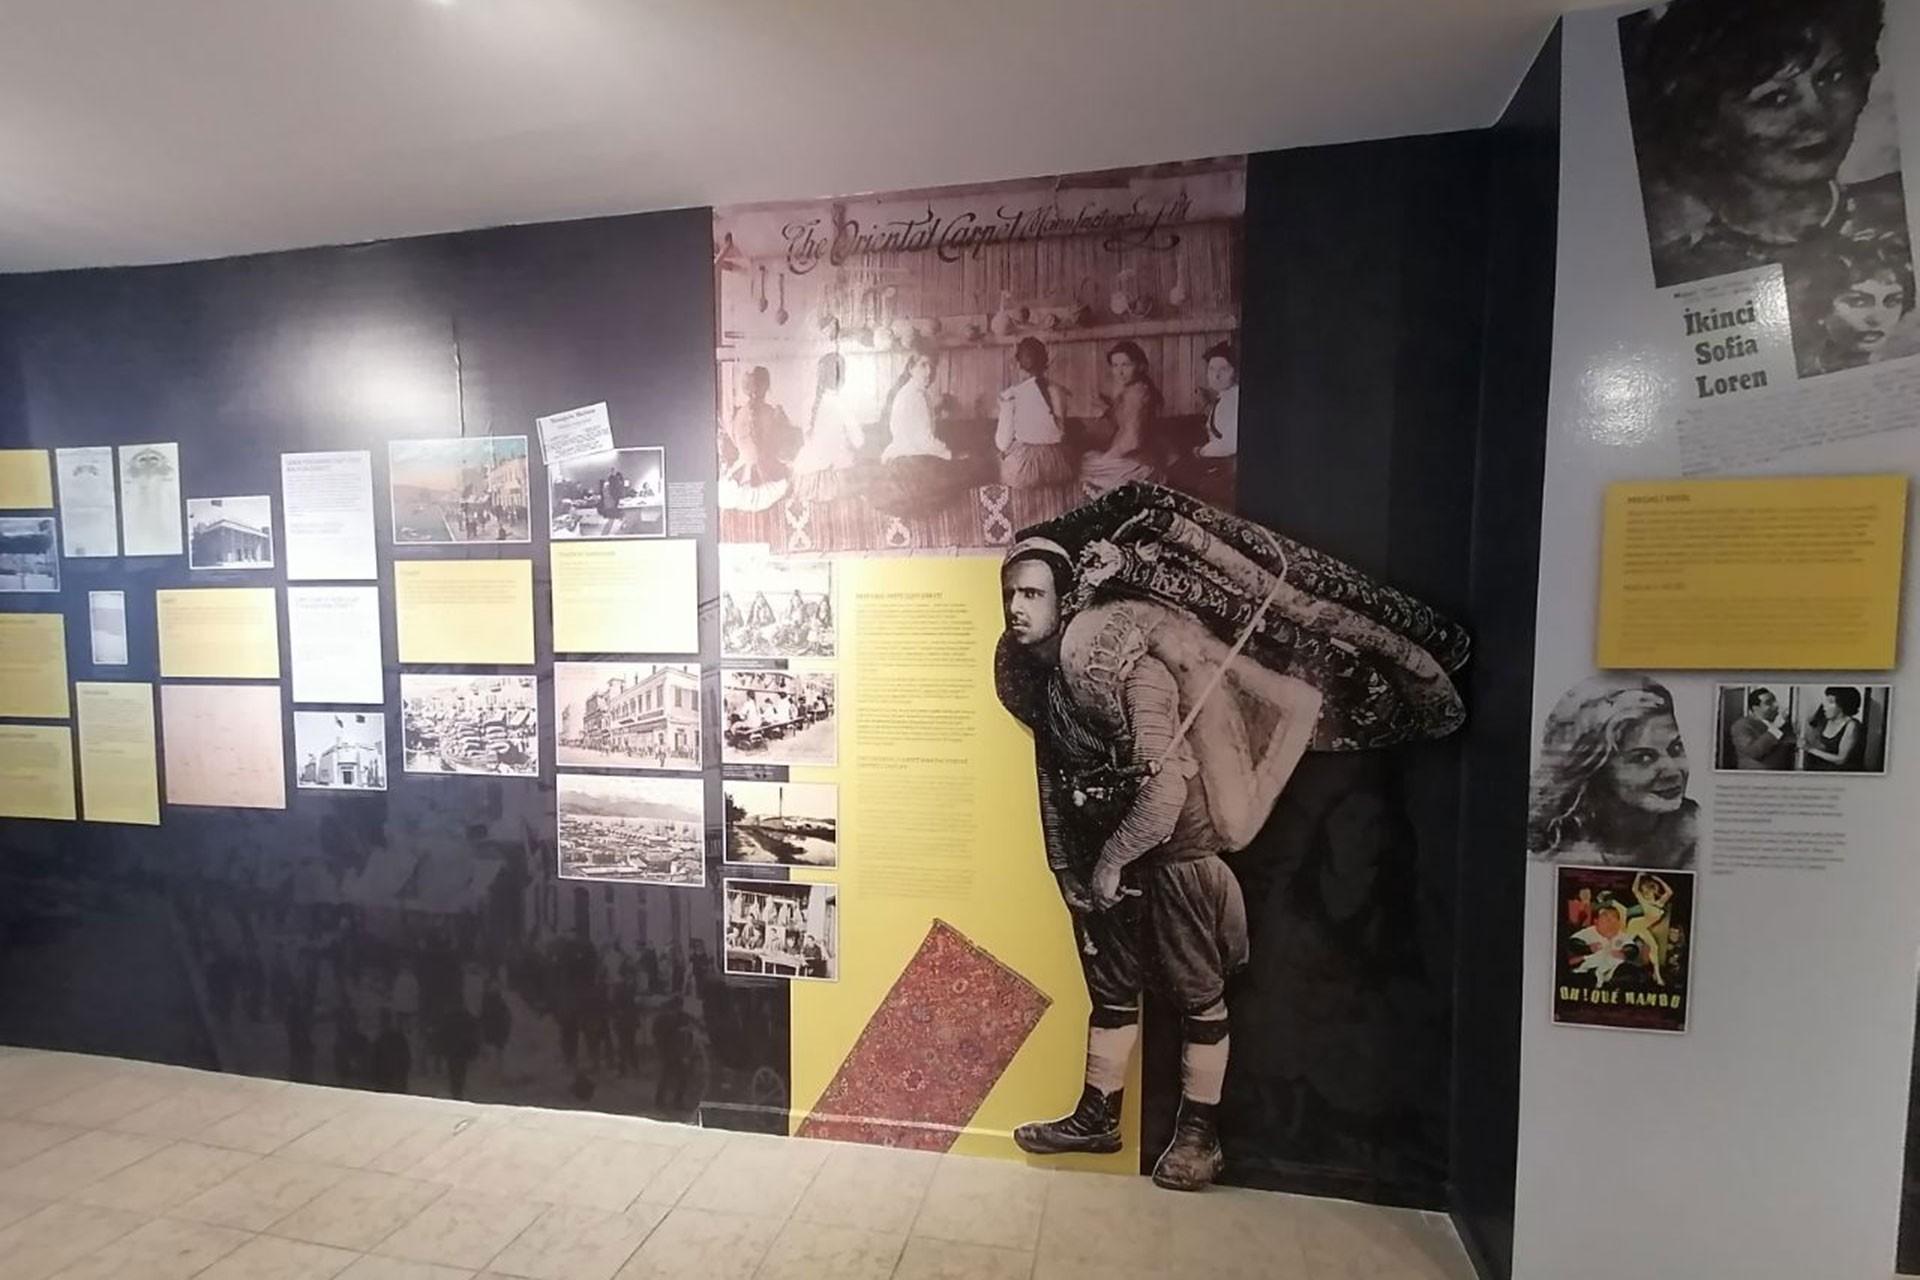 Ahmet Piriştina Kent Arşivi ve Müzesinde 'İzmir Levantenleri' başlıklı sergi açıldı.